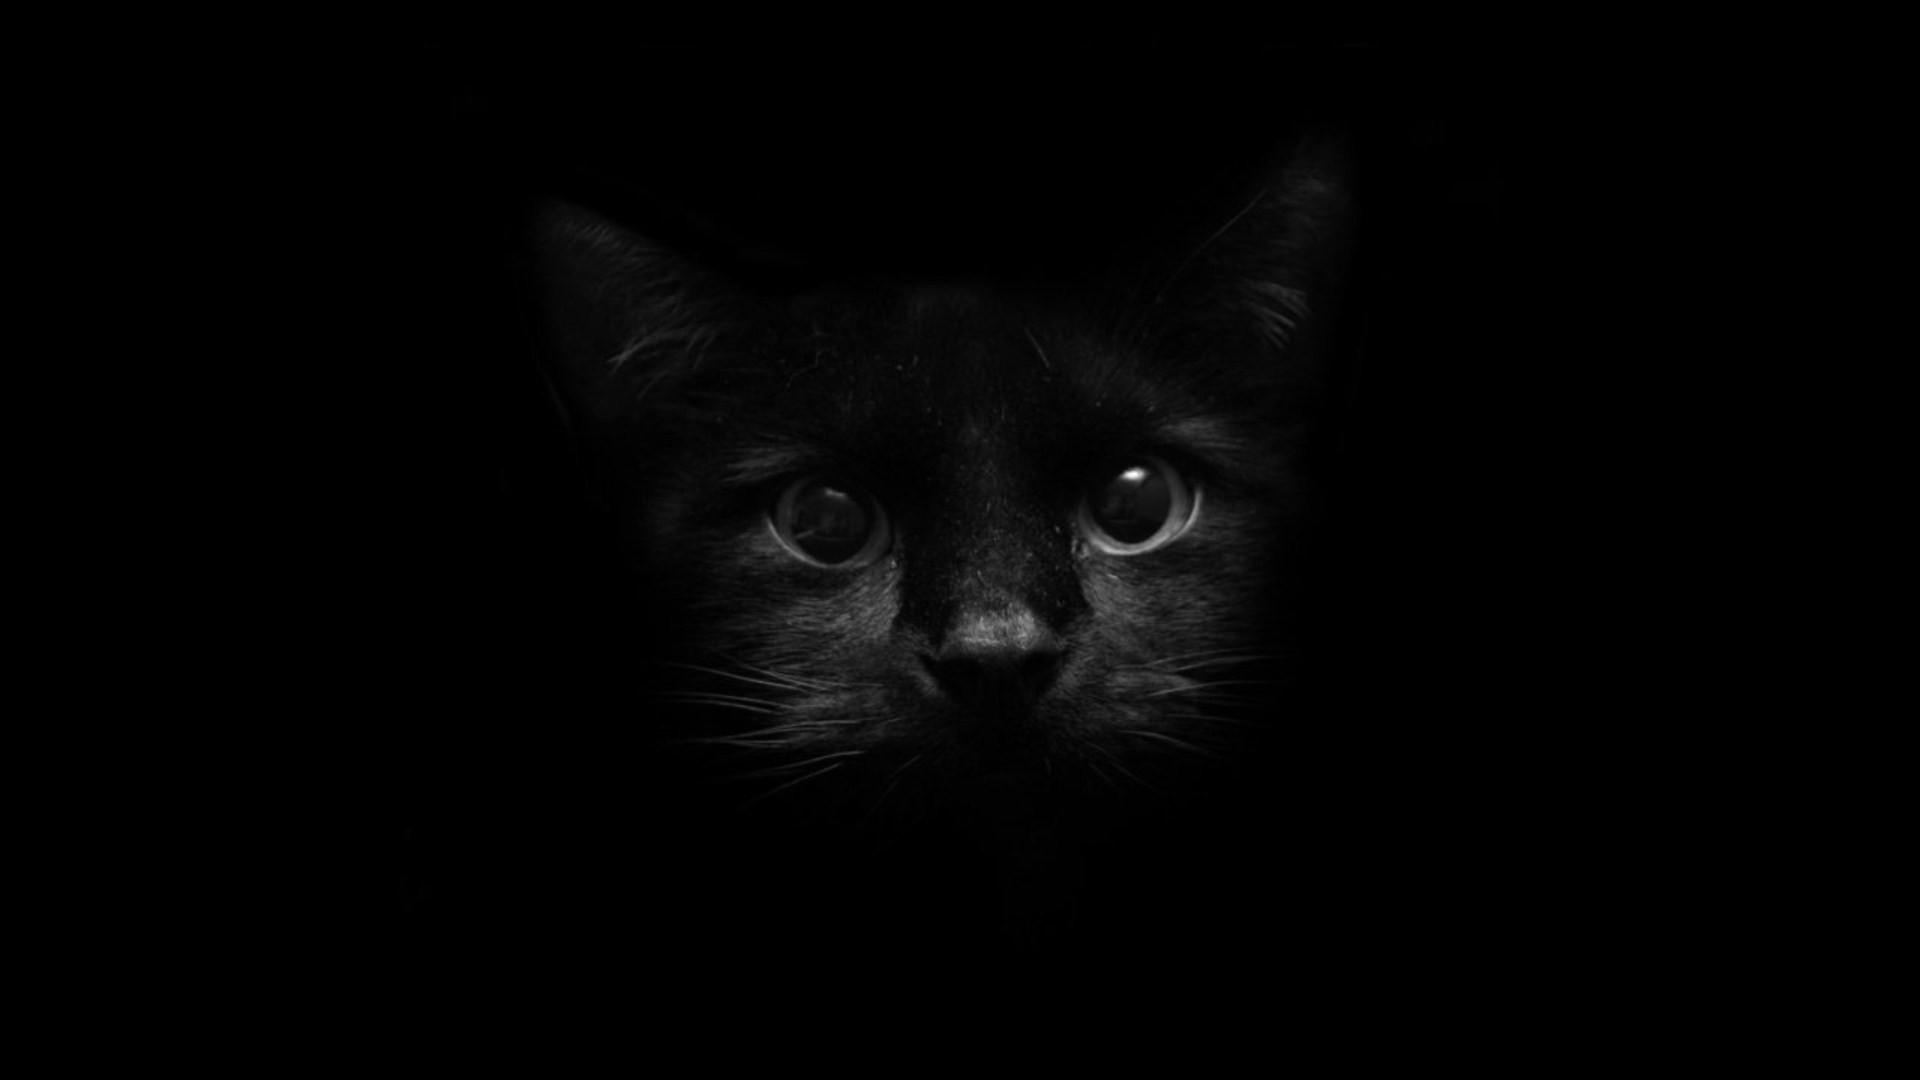 обои на рабочий стол черный кот на черном фоне № 204174 бесплатно